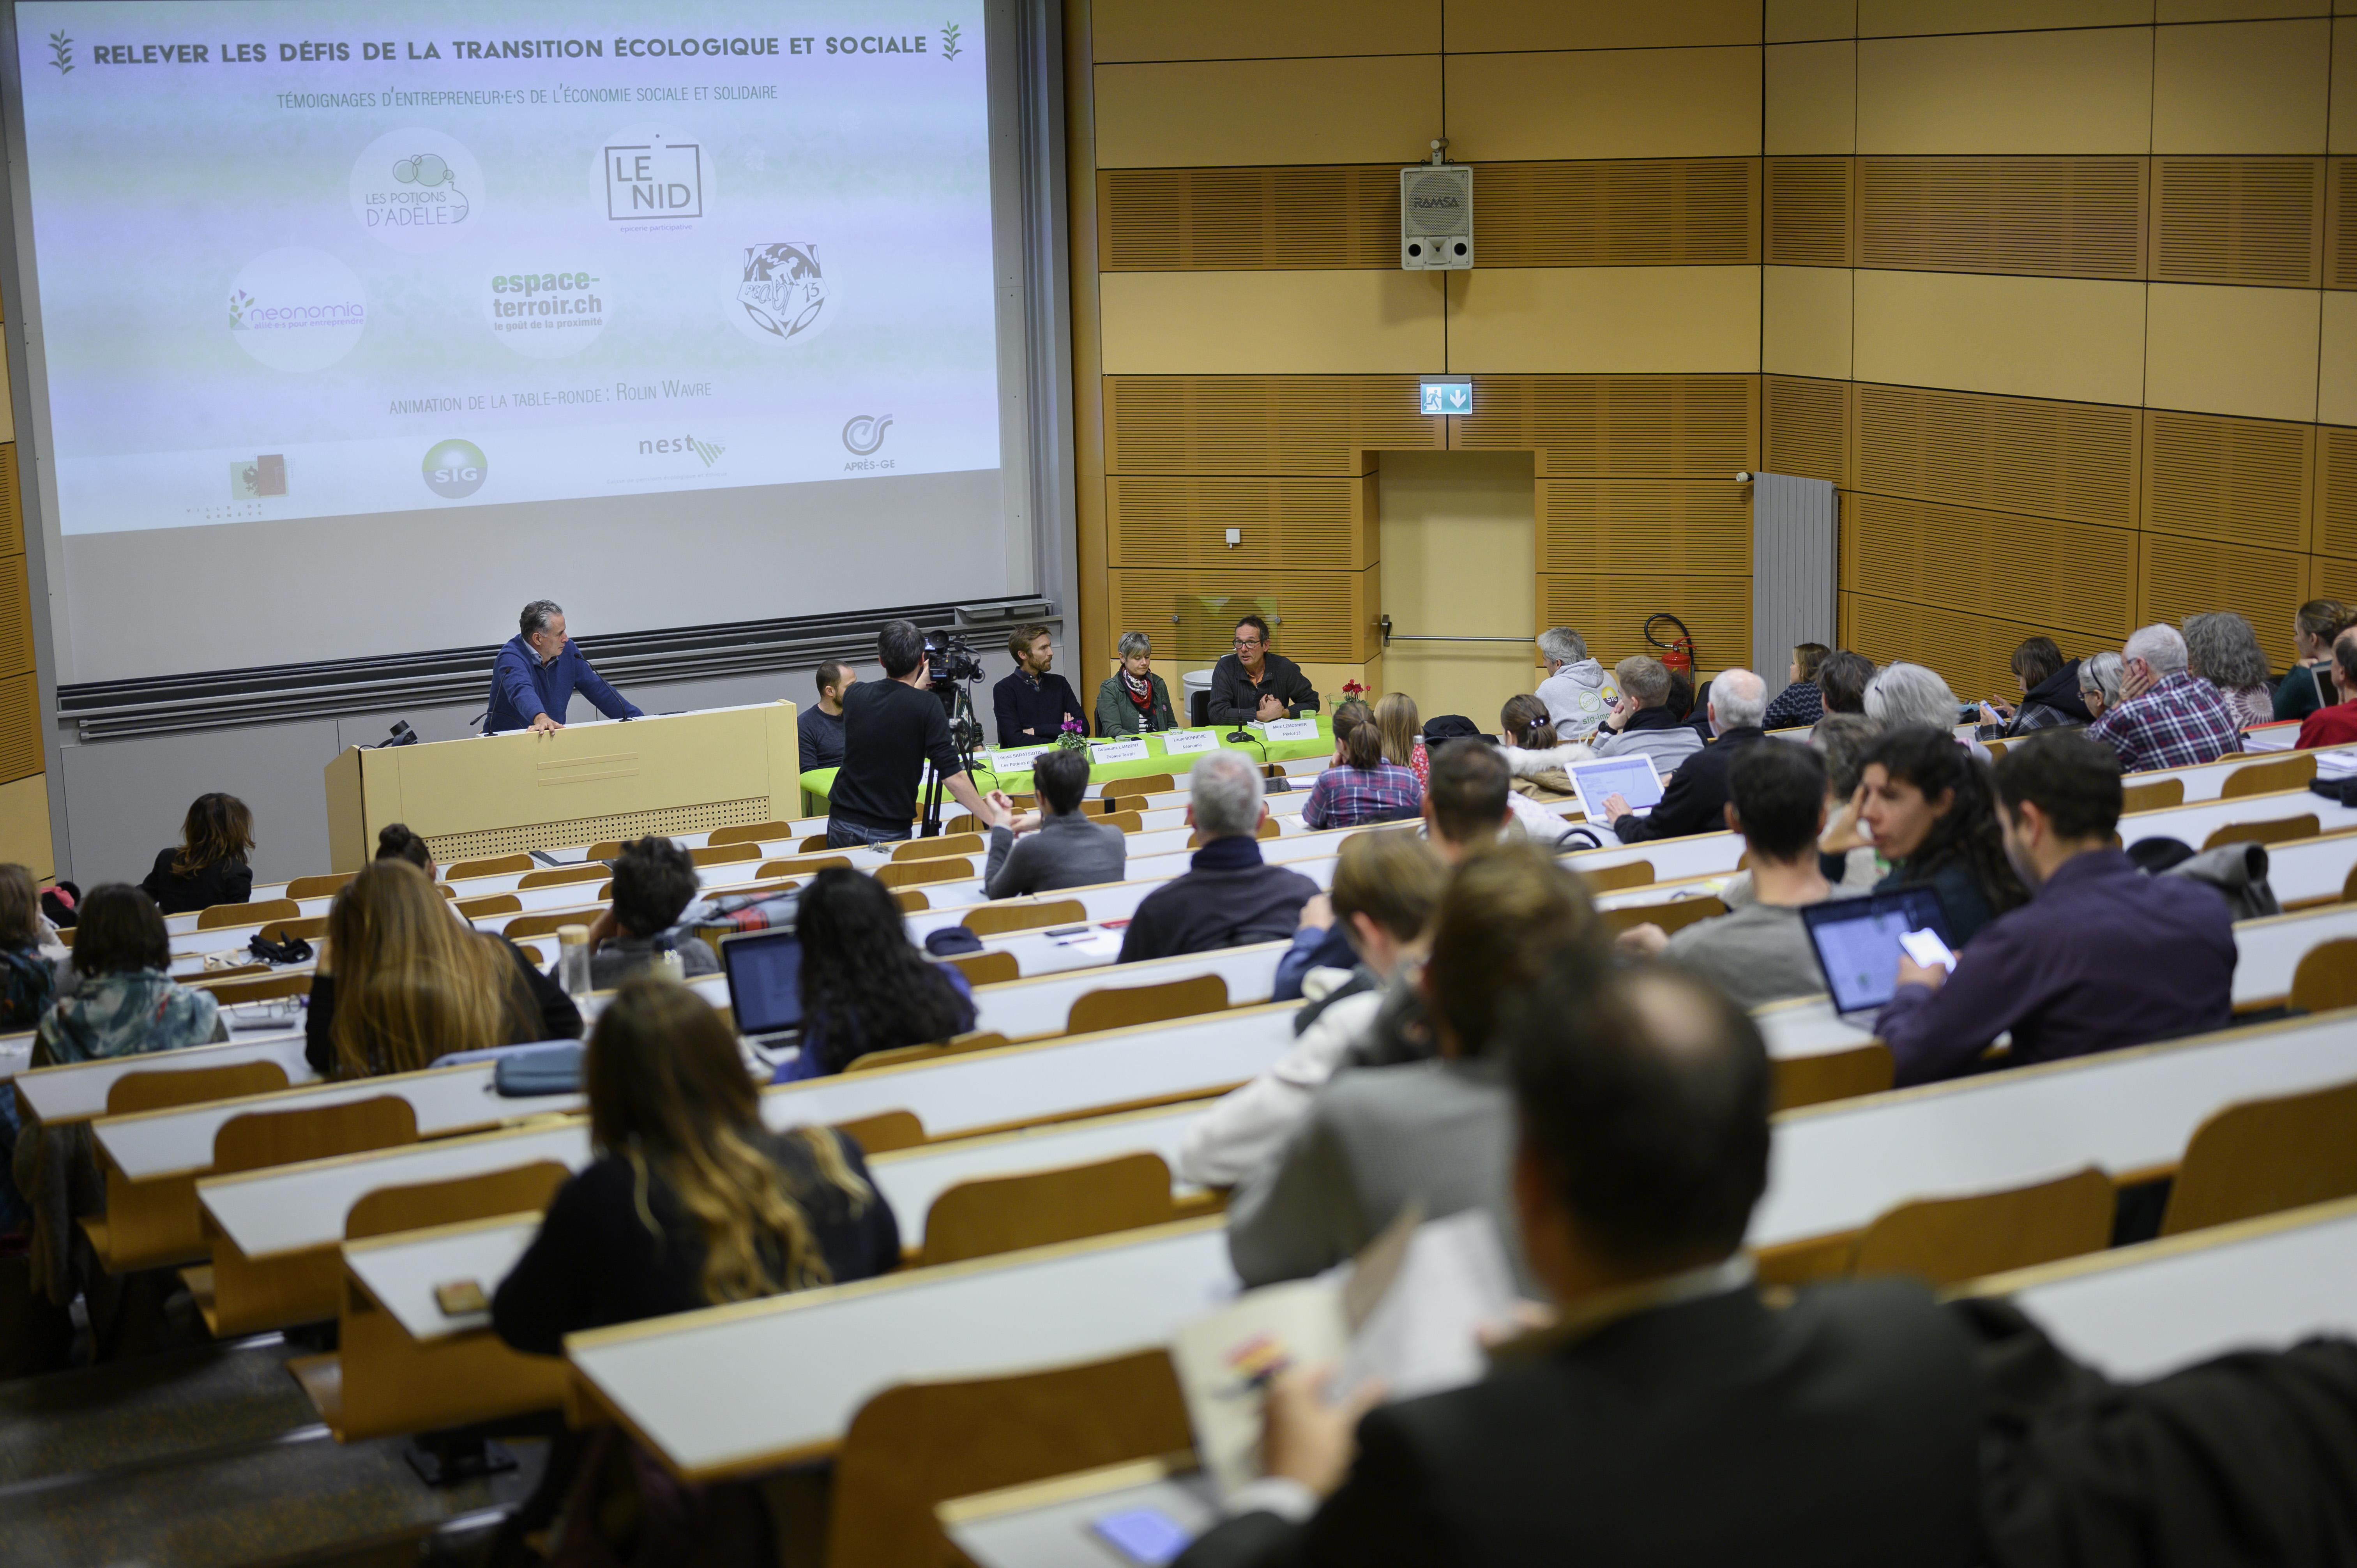 Relever les défis de la transition écologique et sociale: témoignages d'entrepreneur.e.s de l'Économie sociale et solidaire (ESS)